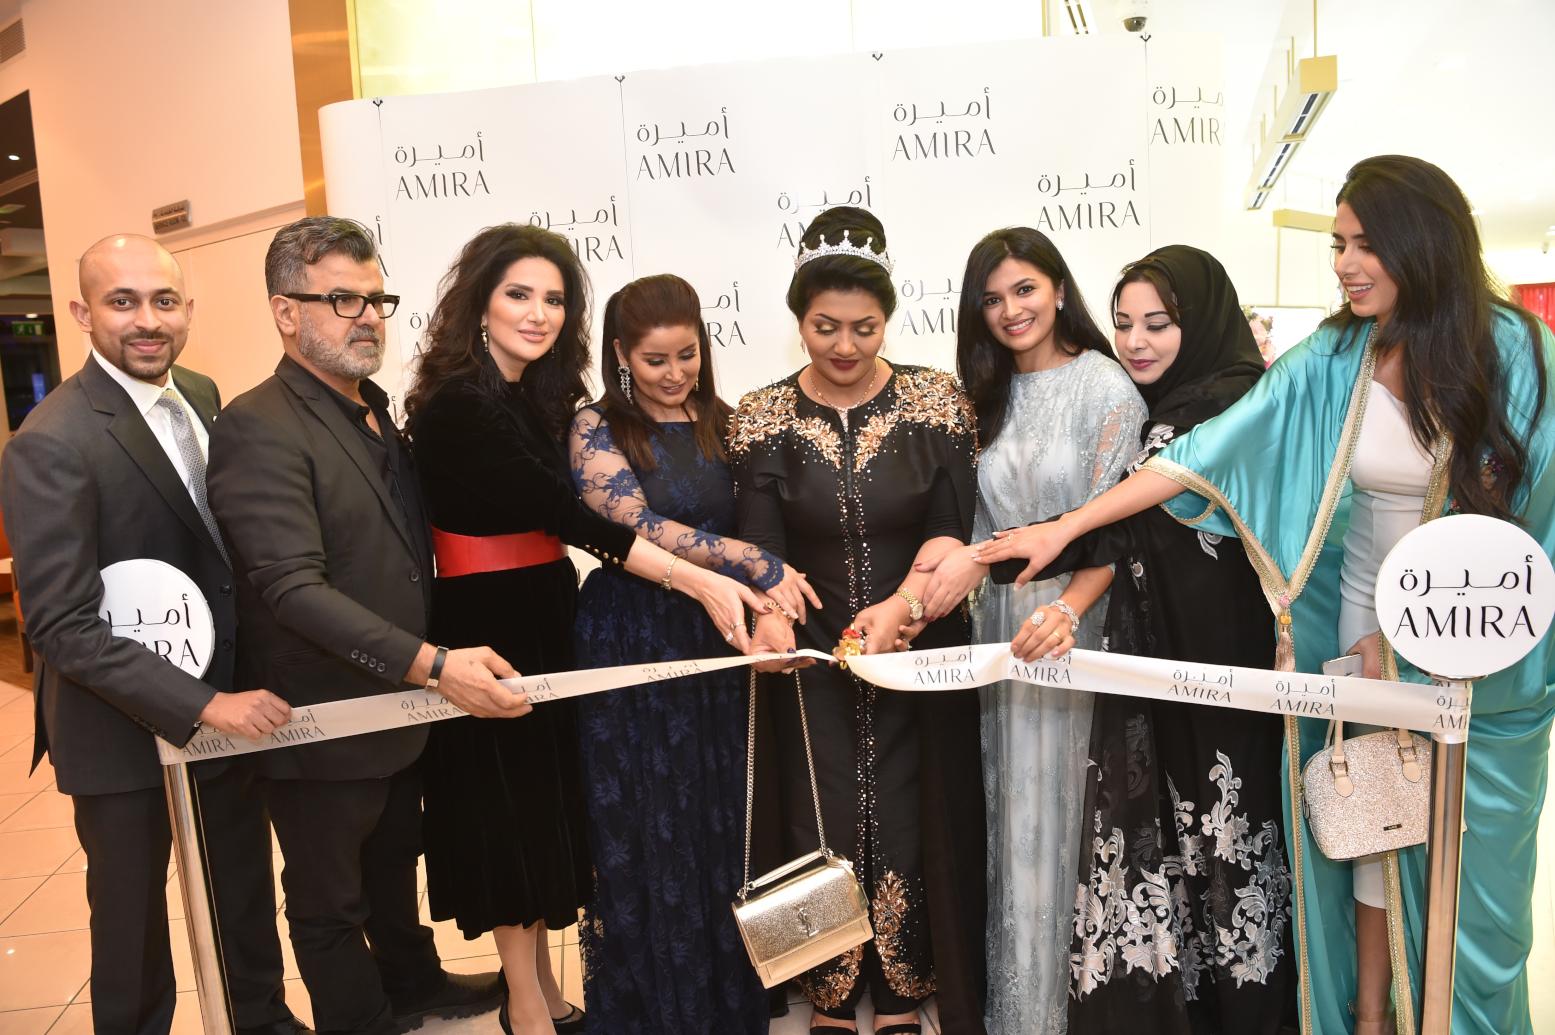 صورة افتتاح مجوهرات أميرة في أبو ظبي بحضور نجوم الفن والاعلام